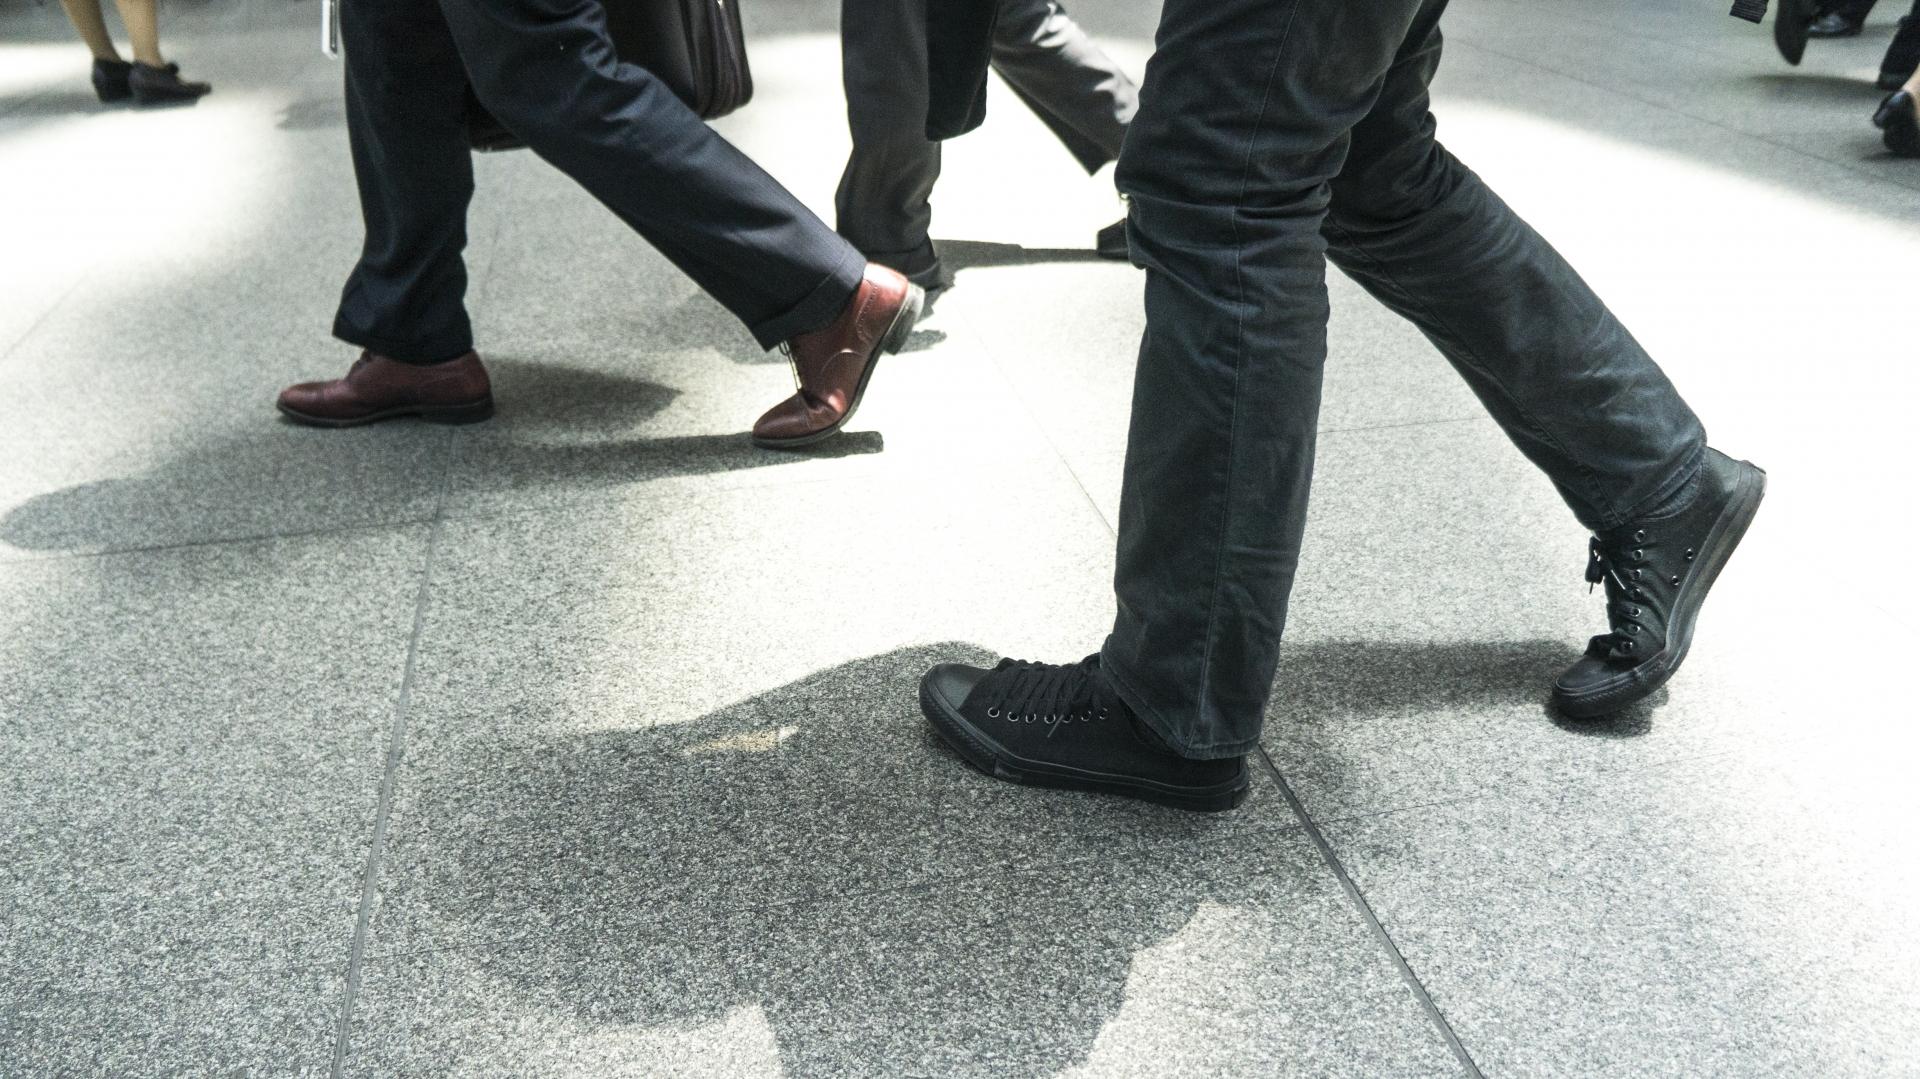 靴ズレするクツに足を合わせる男